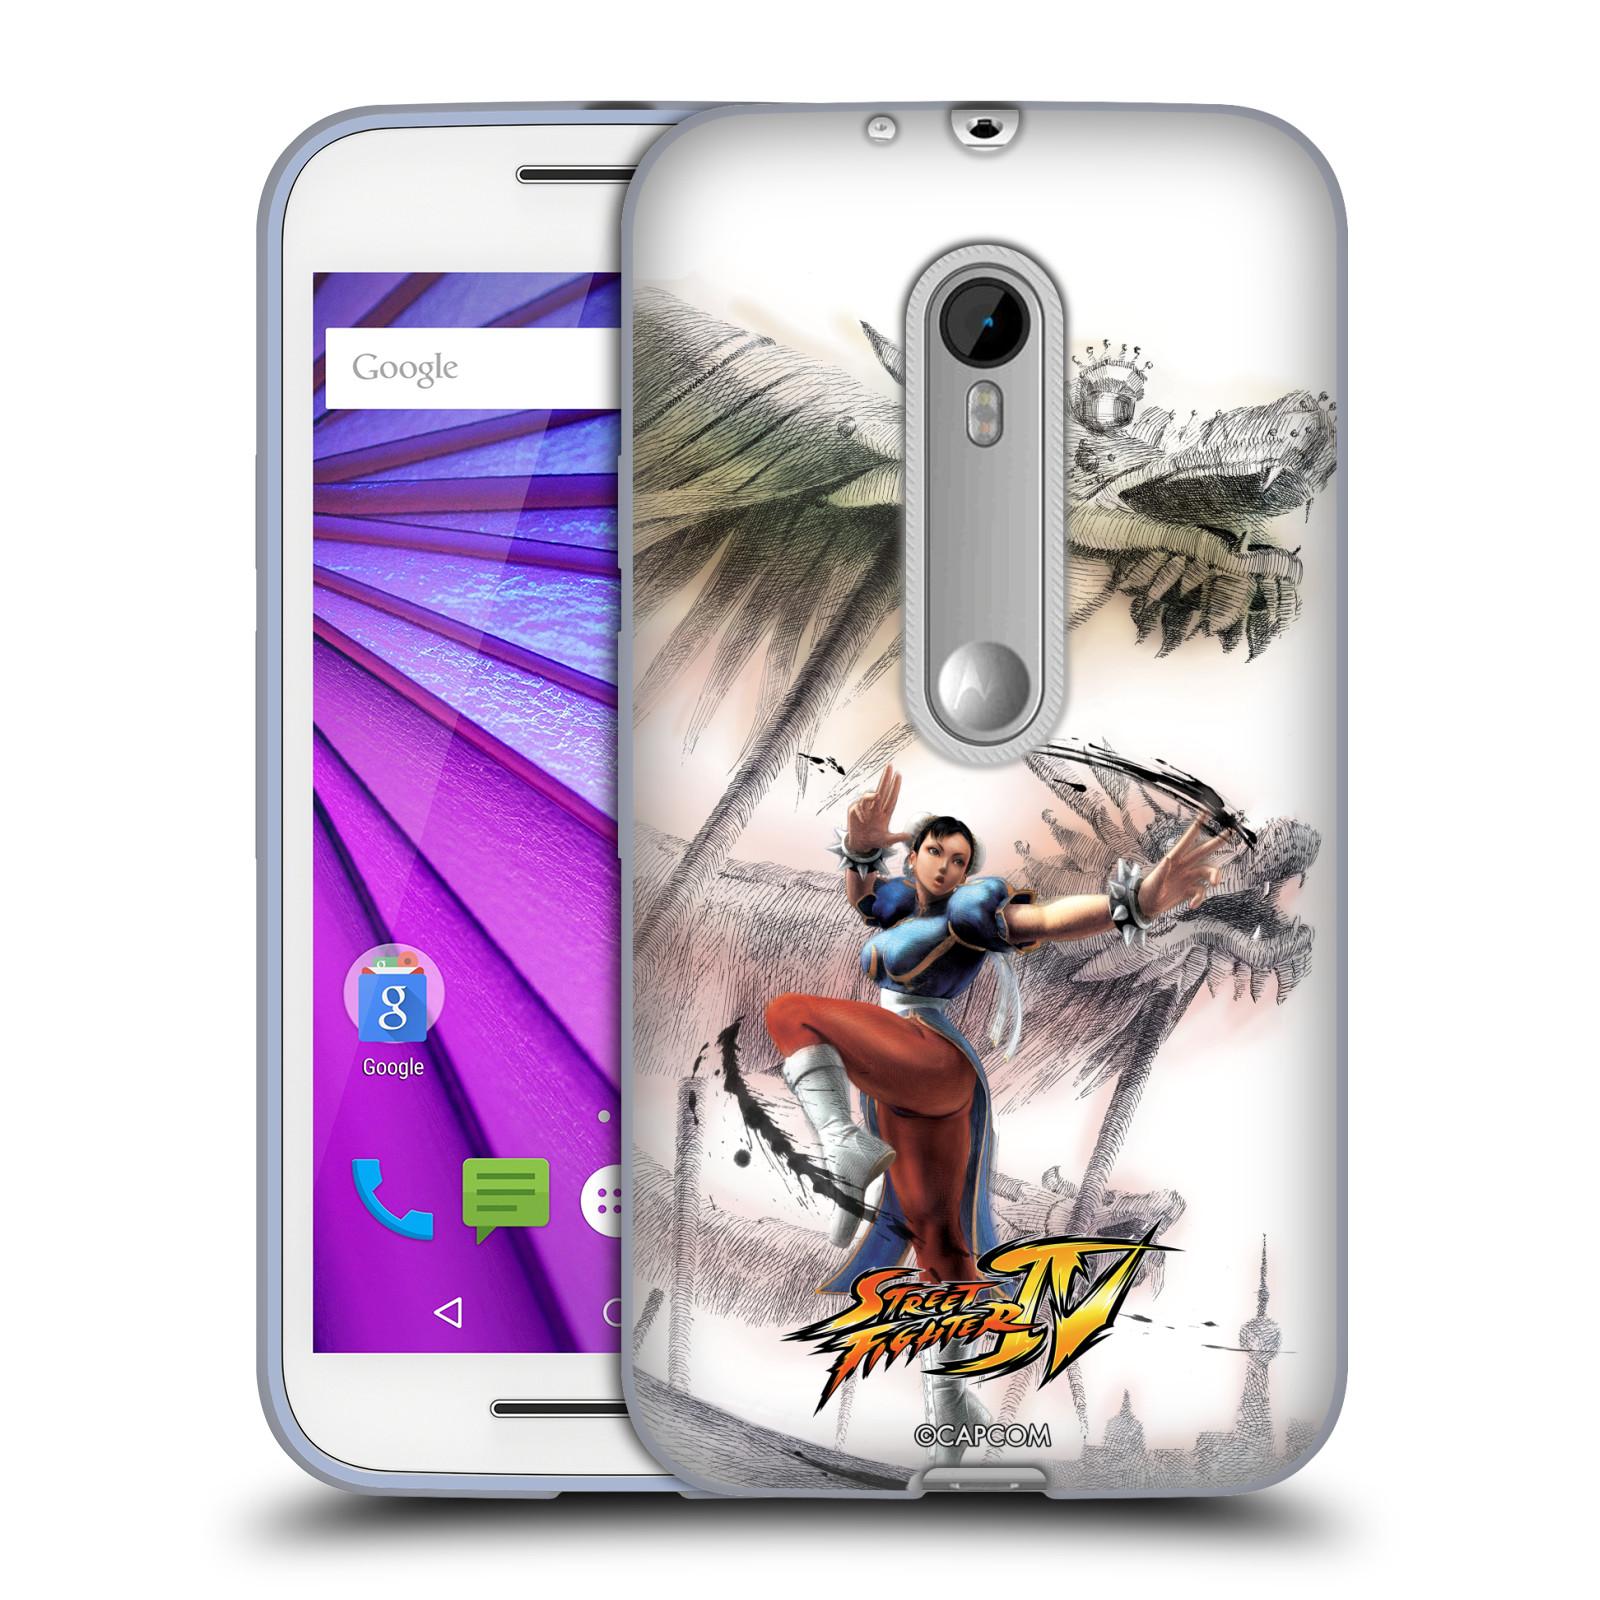 HEAD CASE silikonový obal na mobil Lenovo Moto G (3. generace) oficiální kryt STREET FIGHTER bojovnice Chun-Li kresba